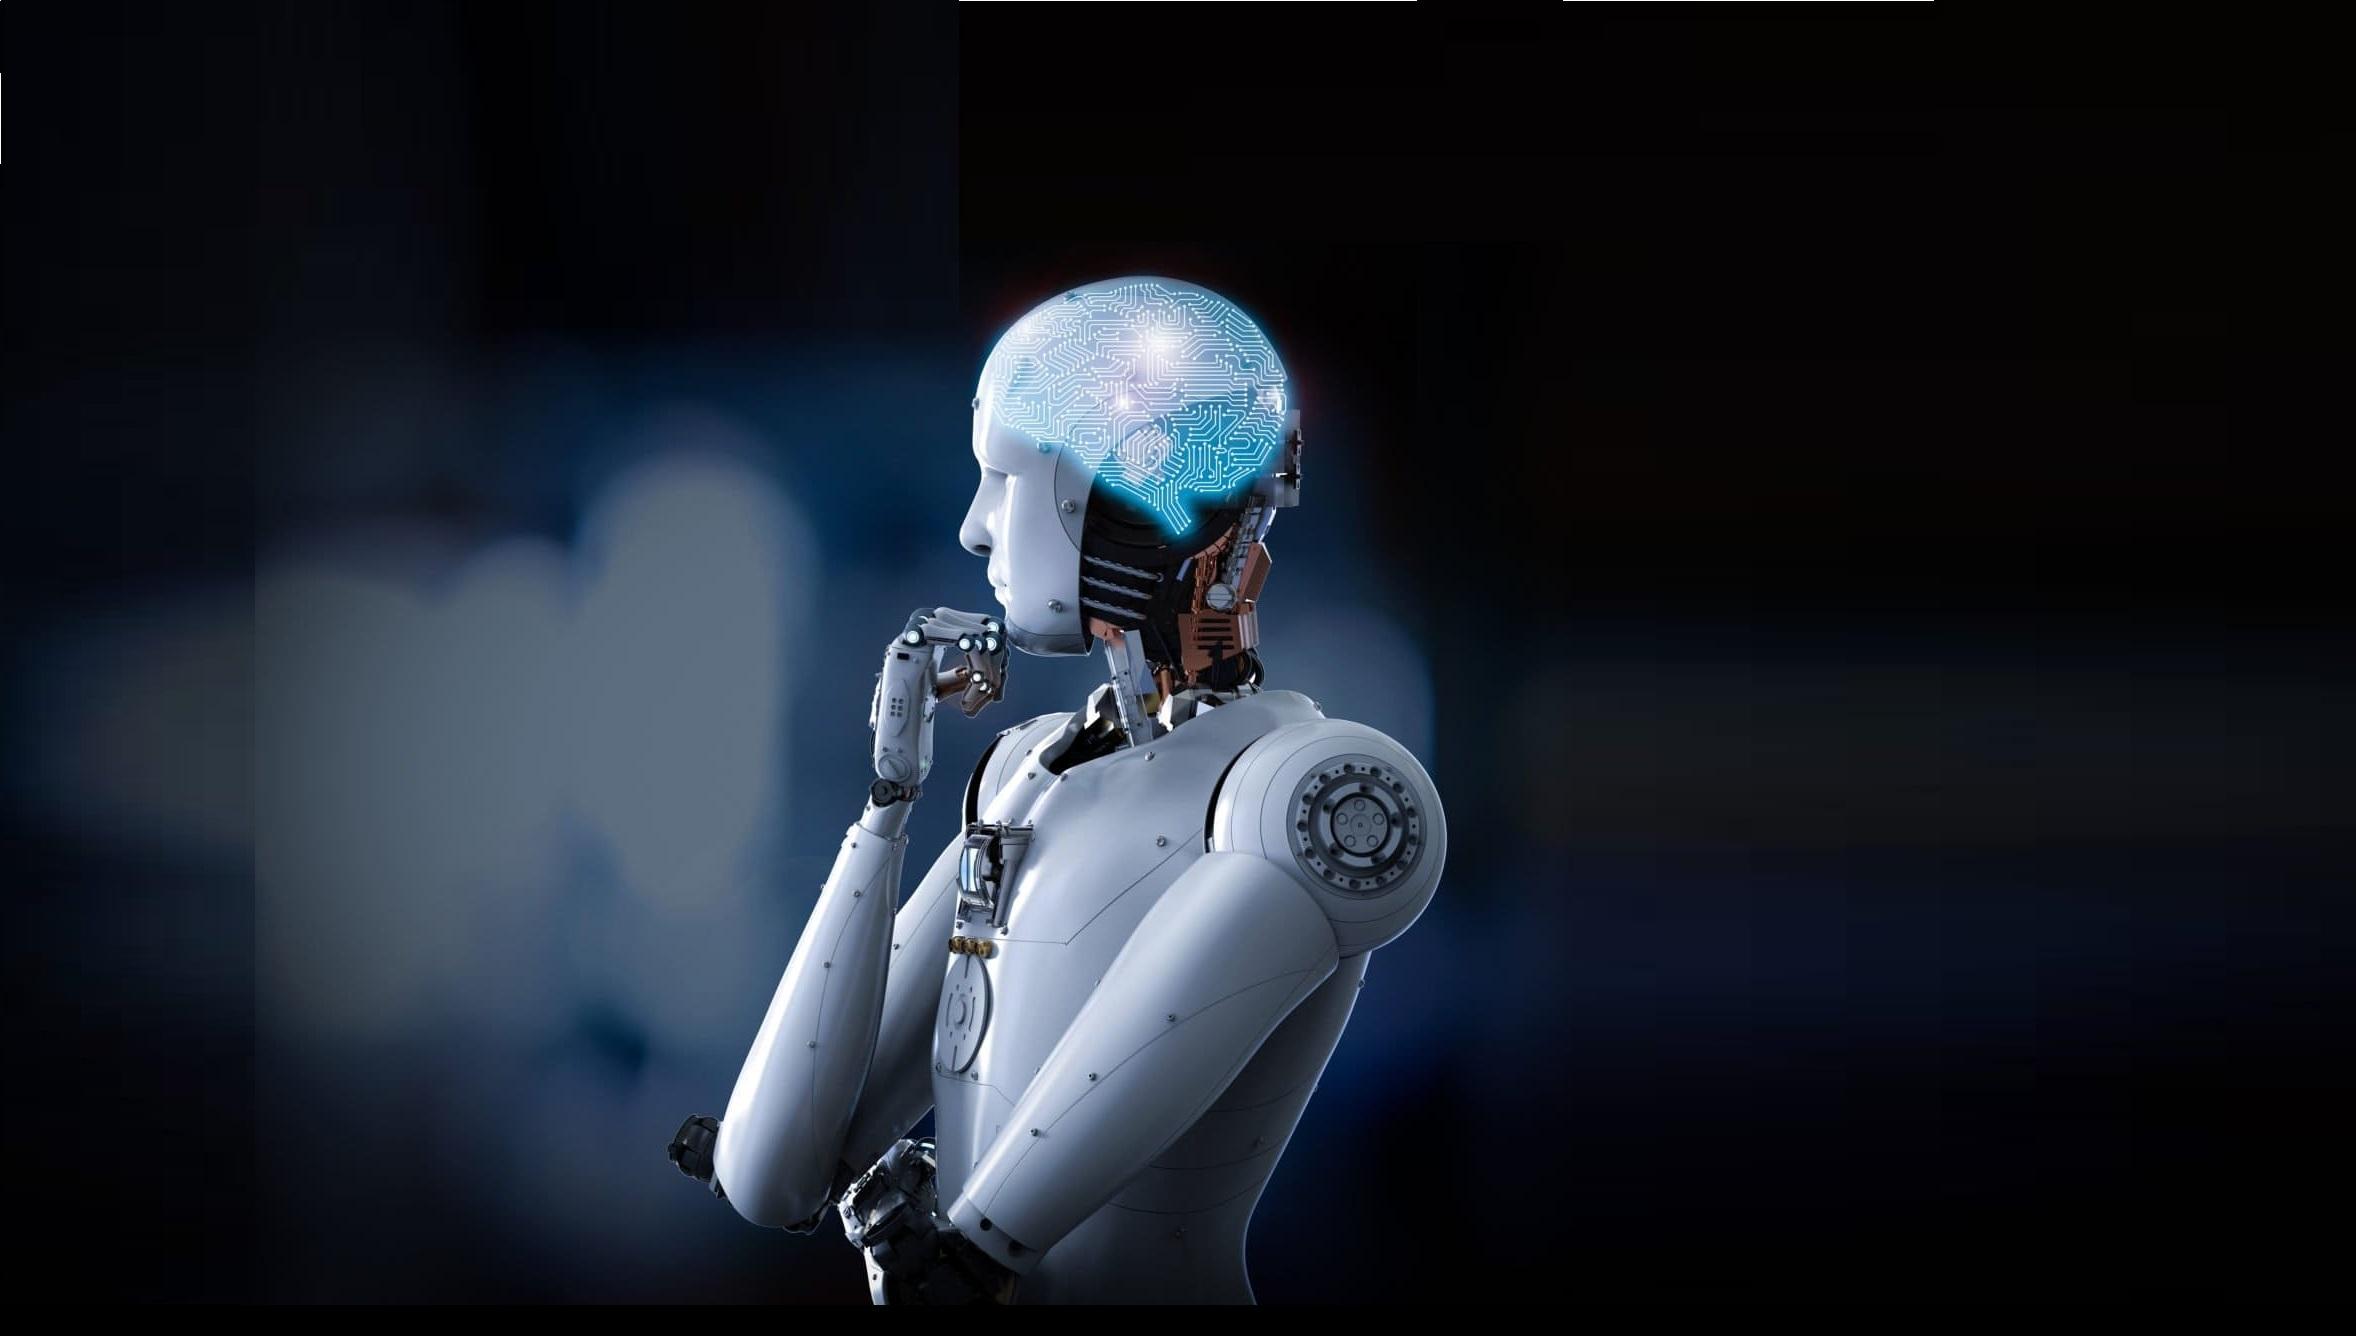 Inteligência artificial entra na pauta da Câmara e do Senado